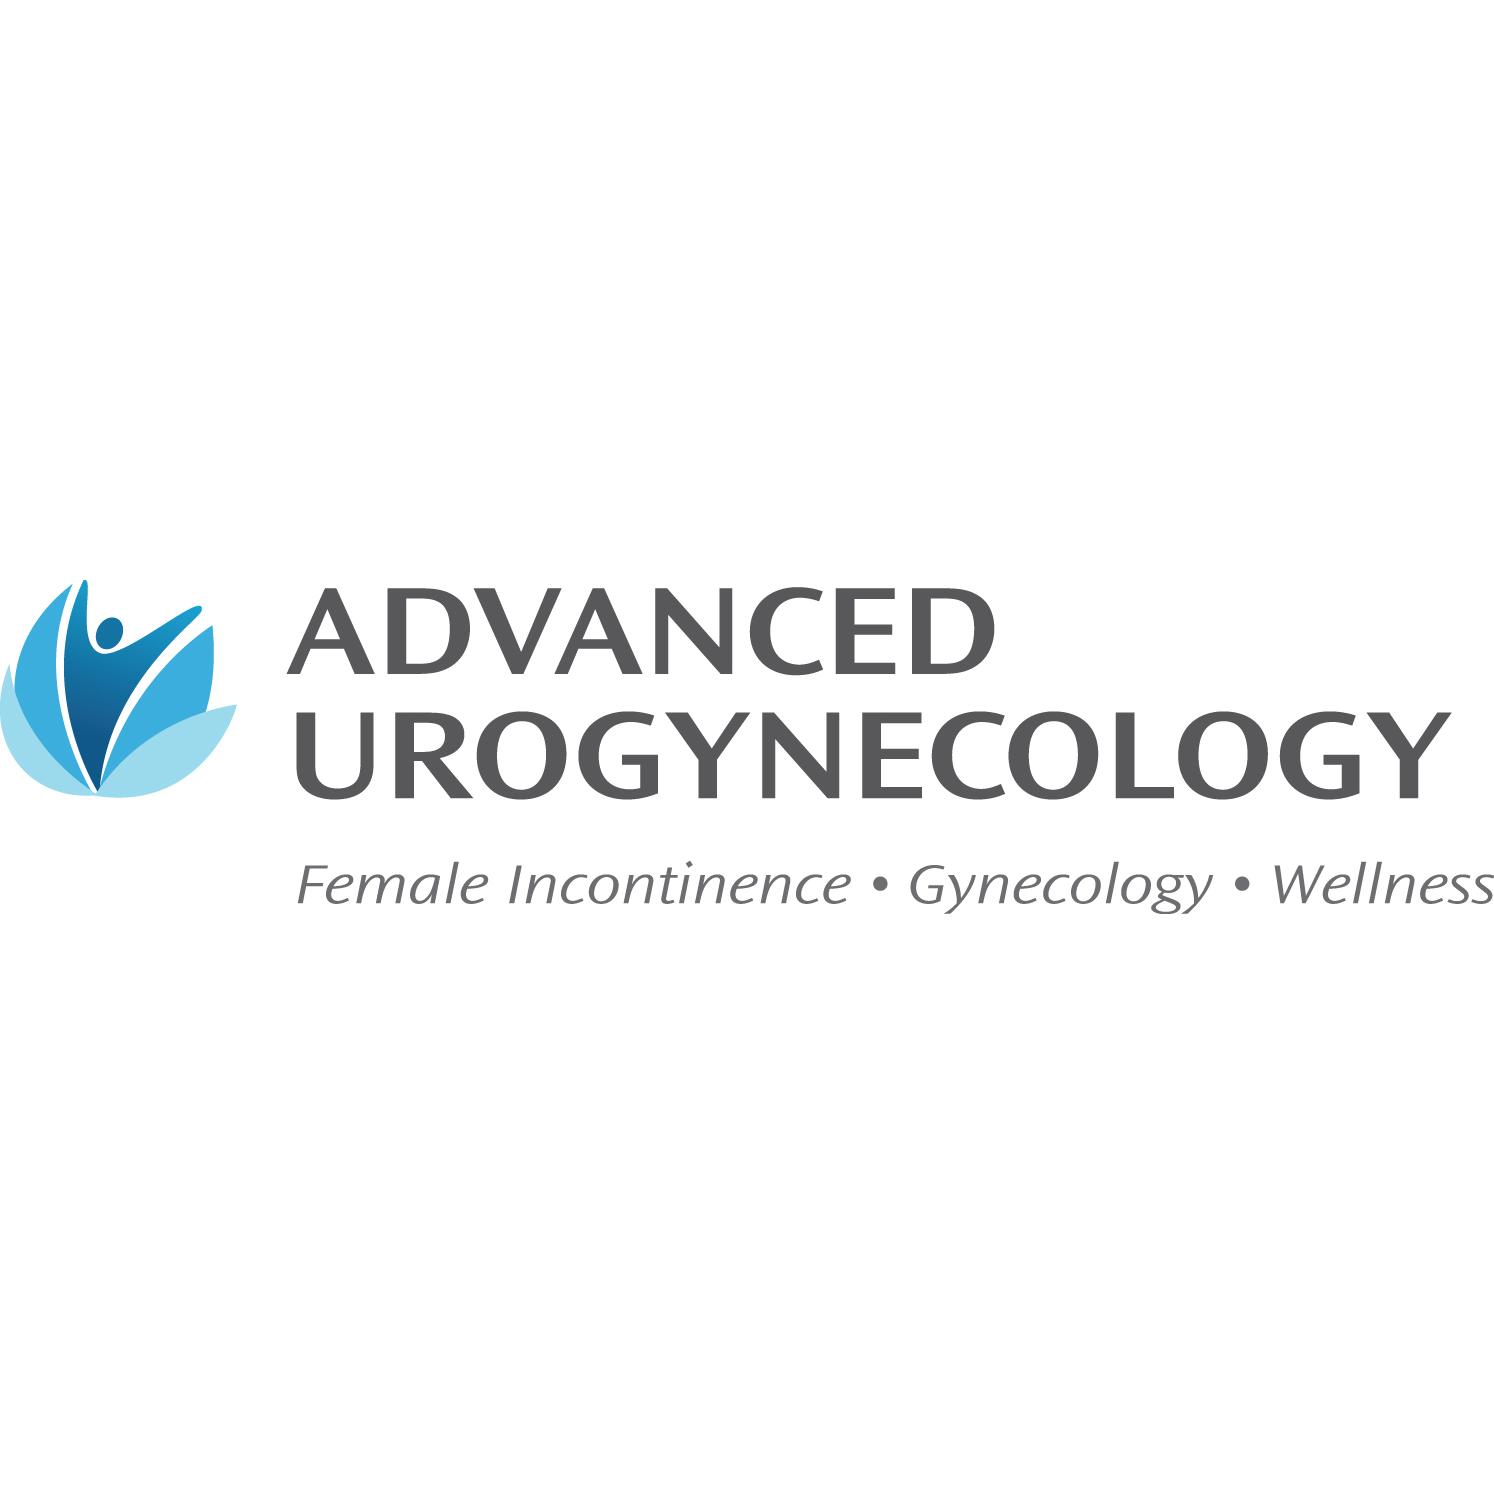 Advanced Urogynecology